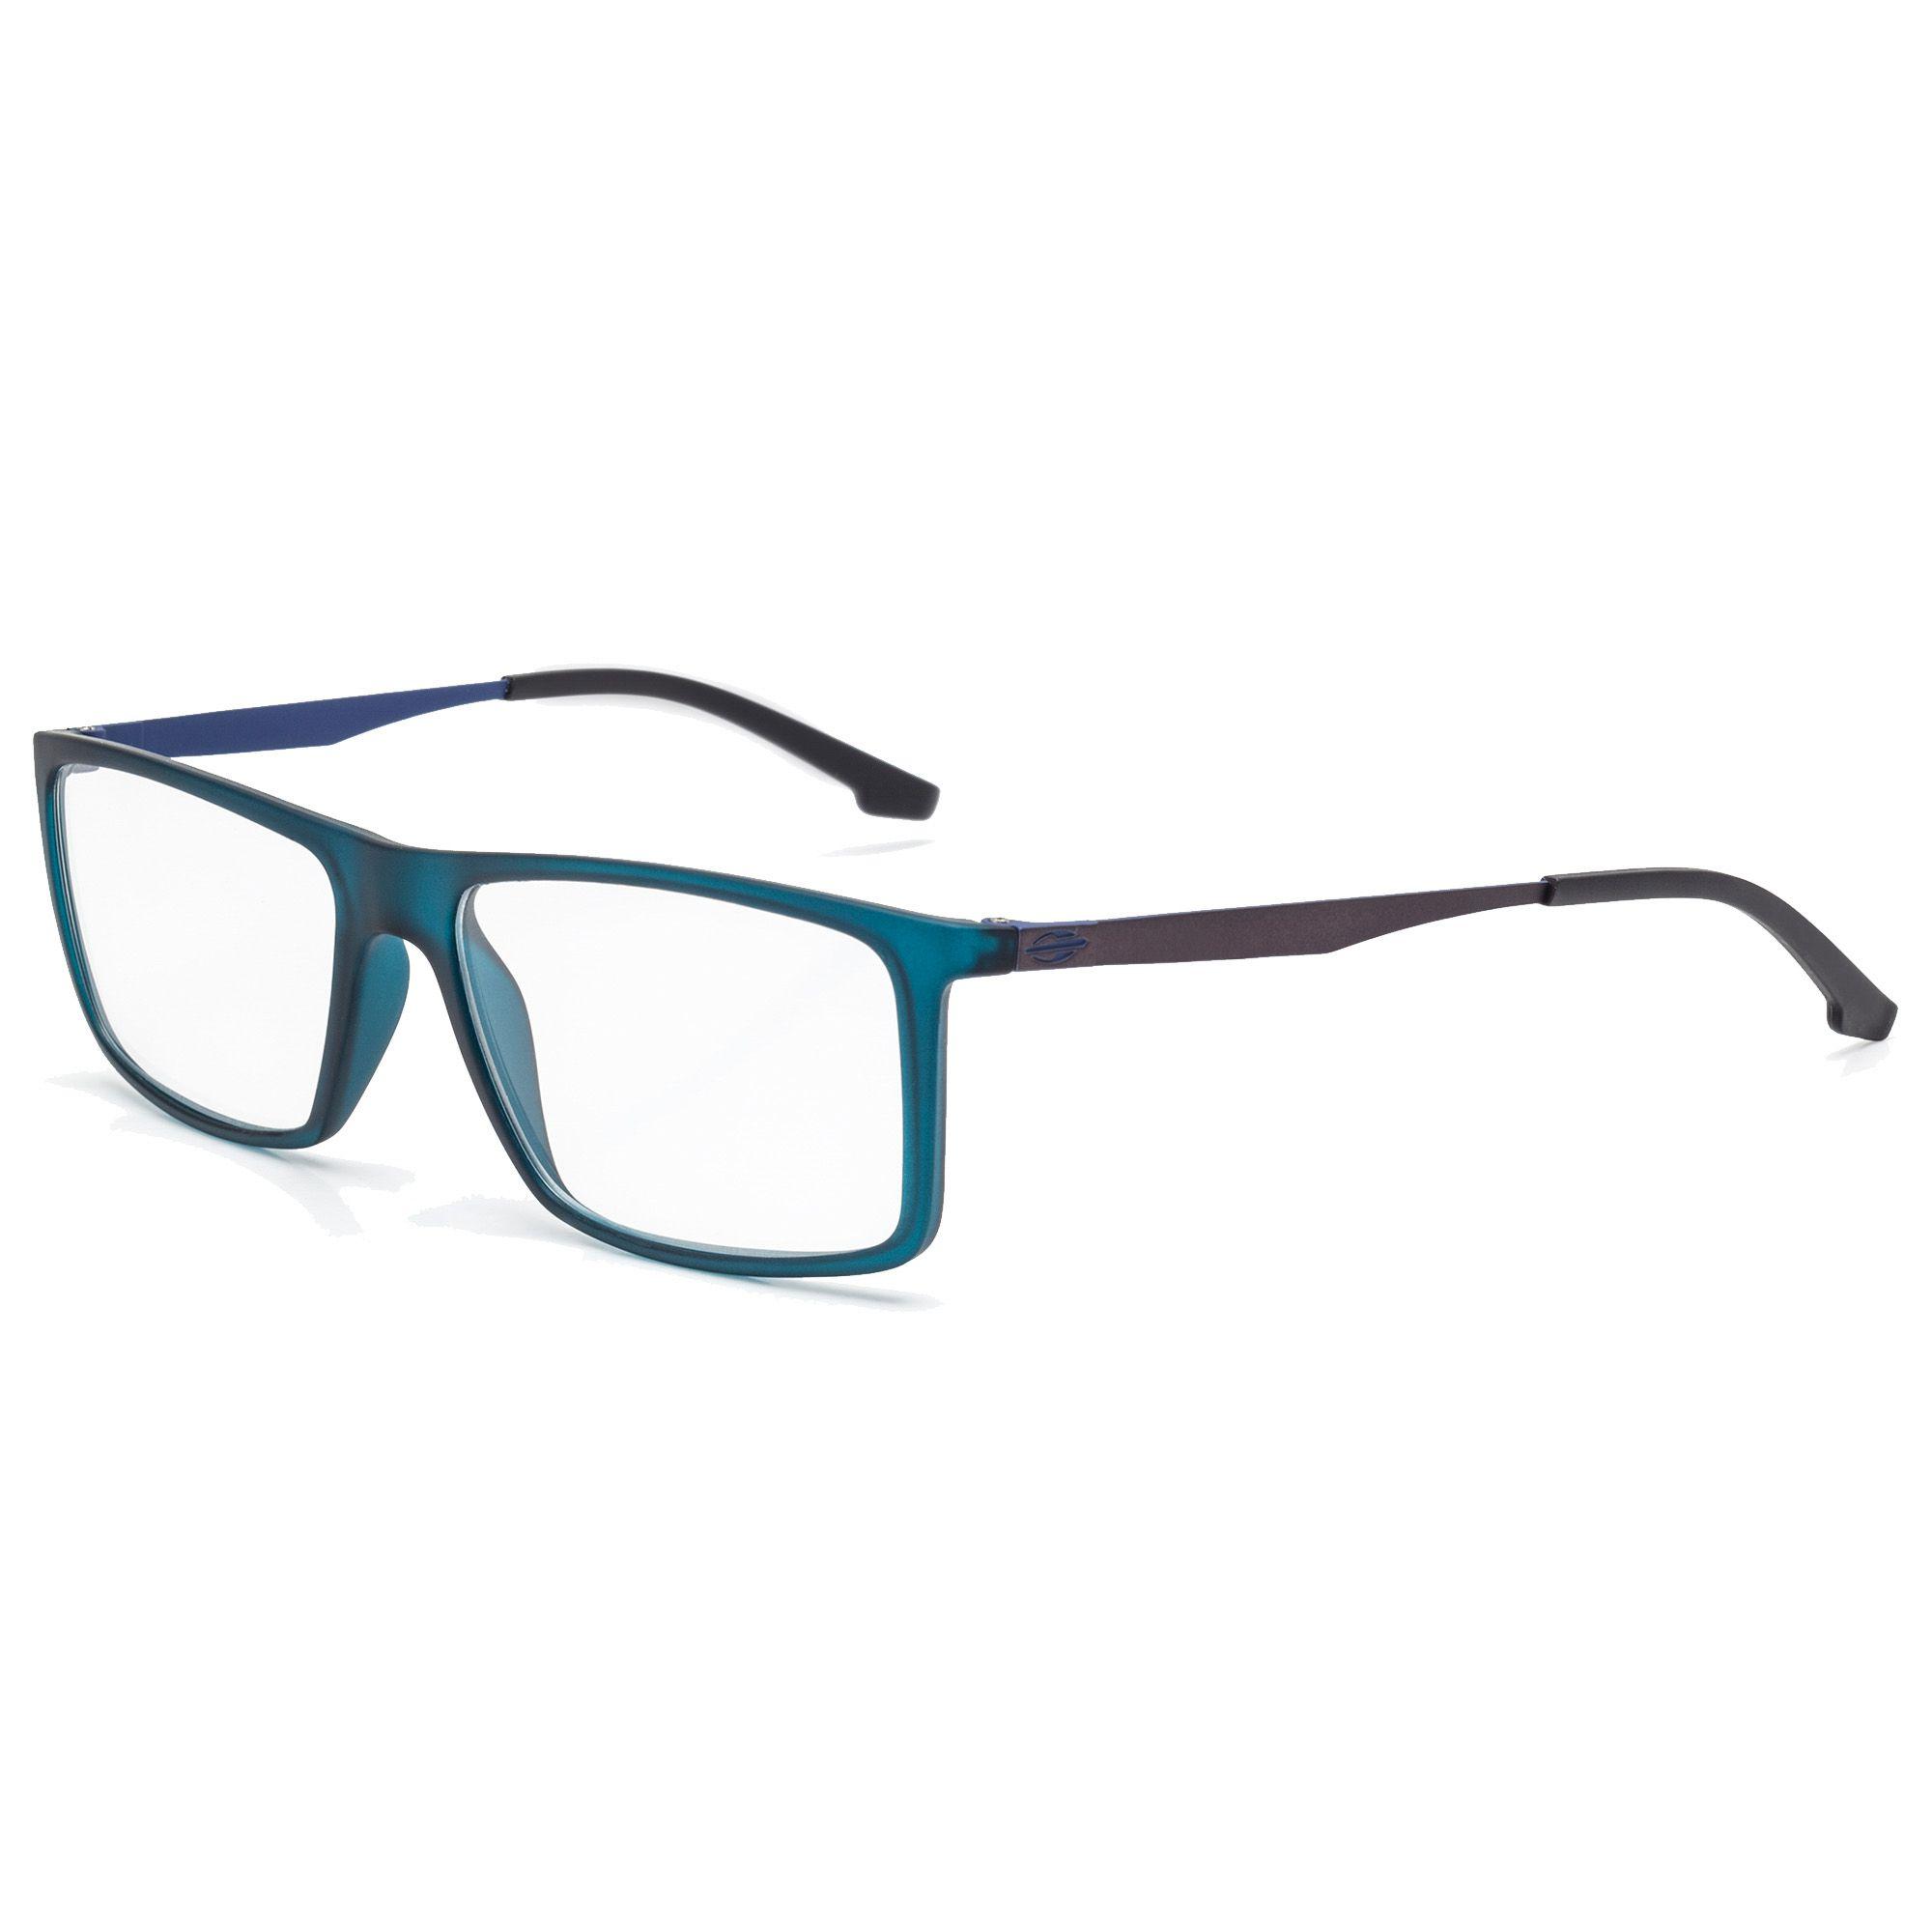 Óculos de Grau Masculino Mormaii Maha I M6054I5856